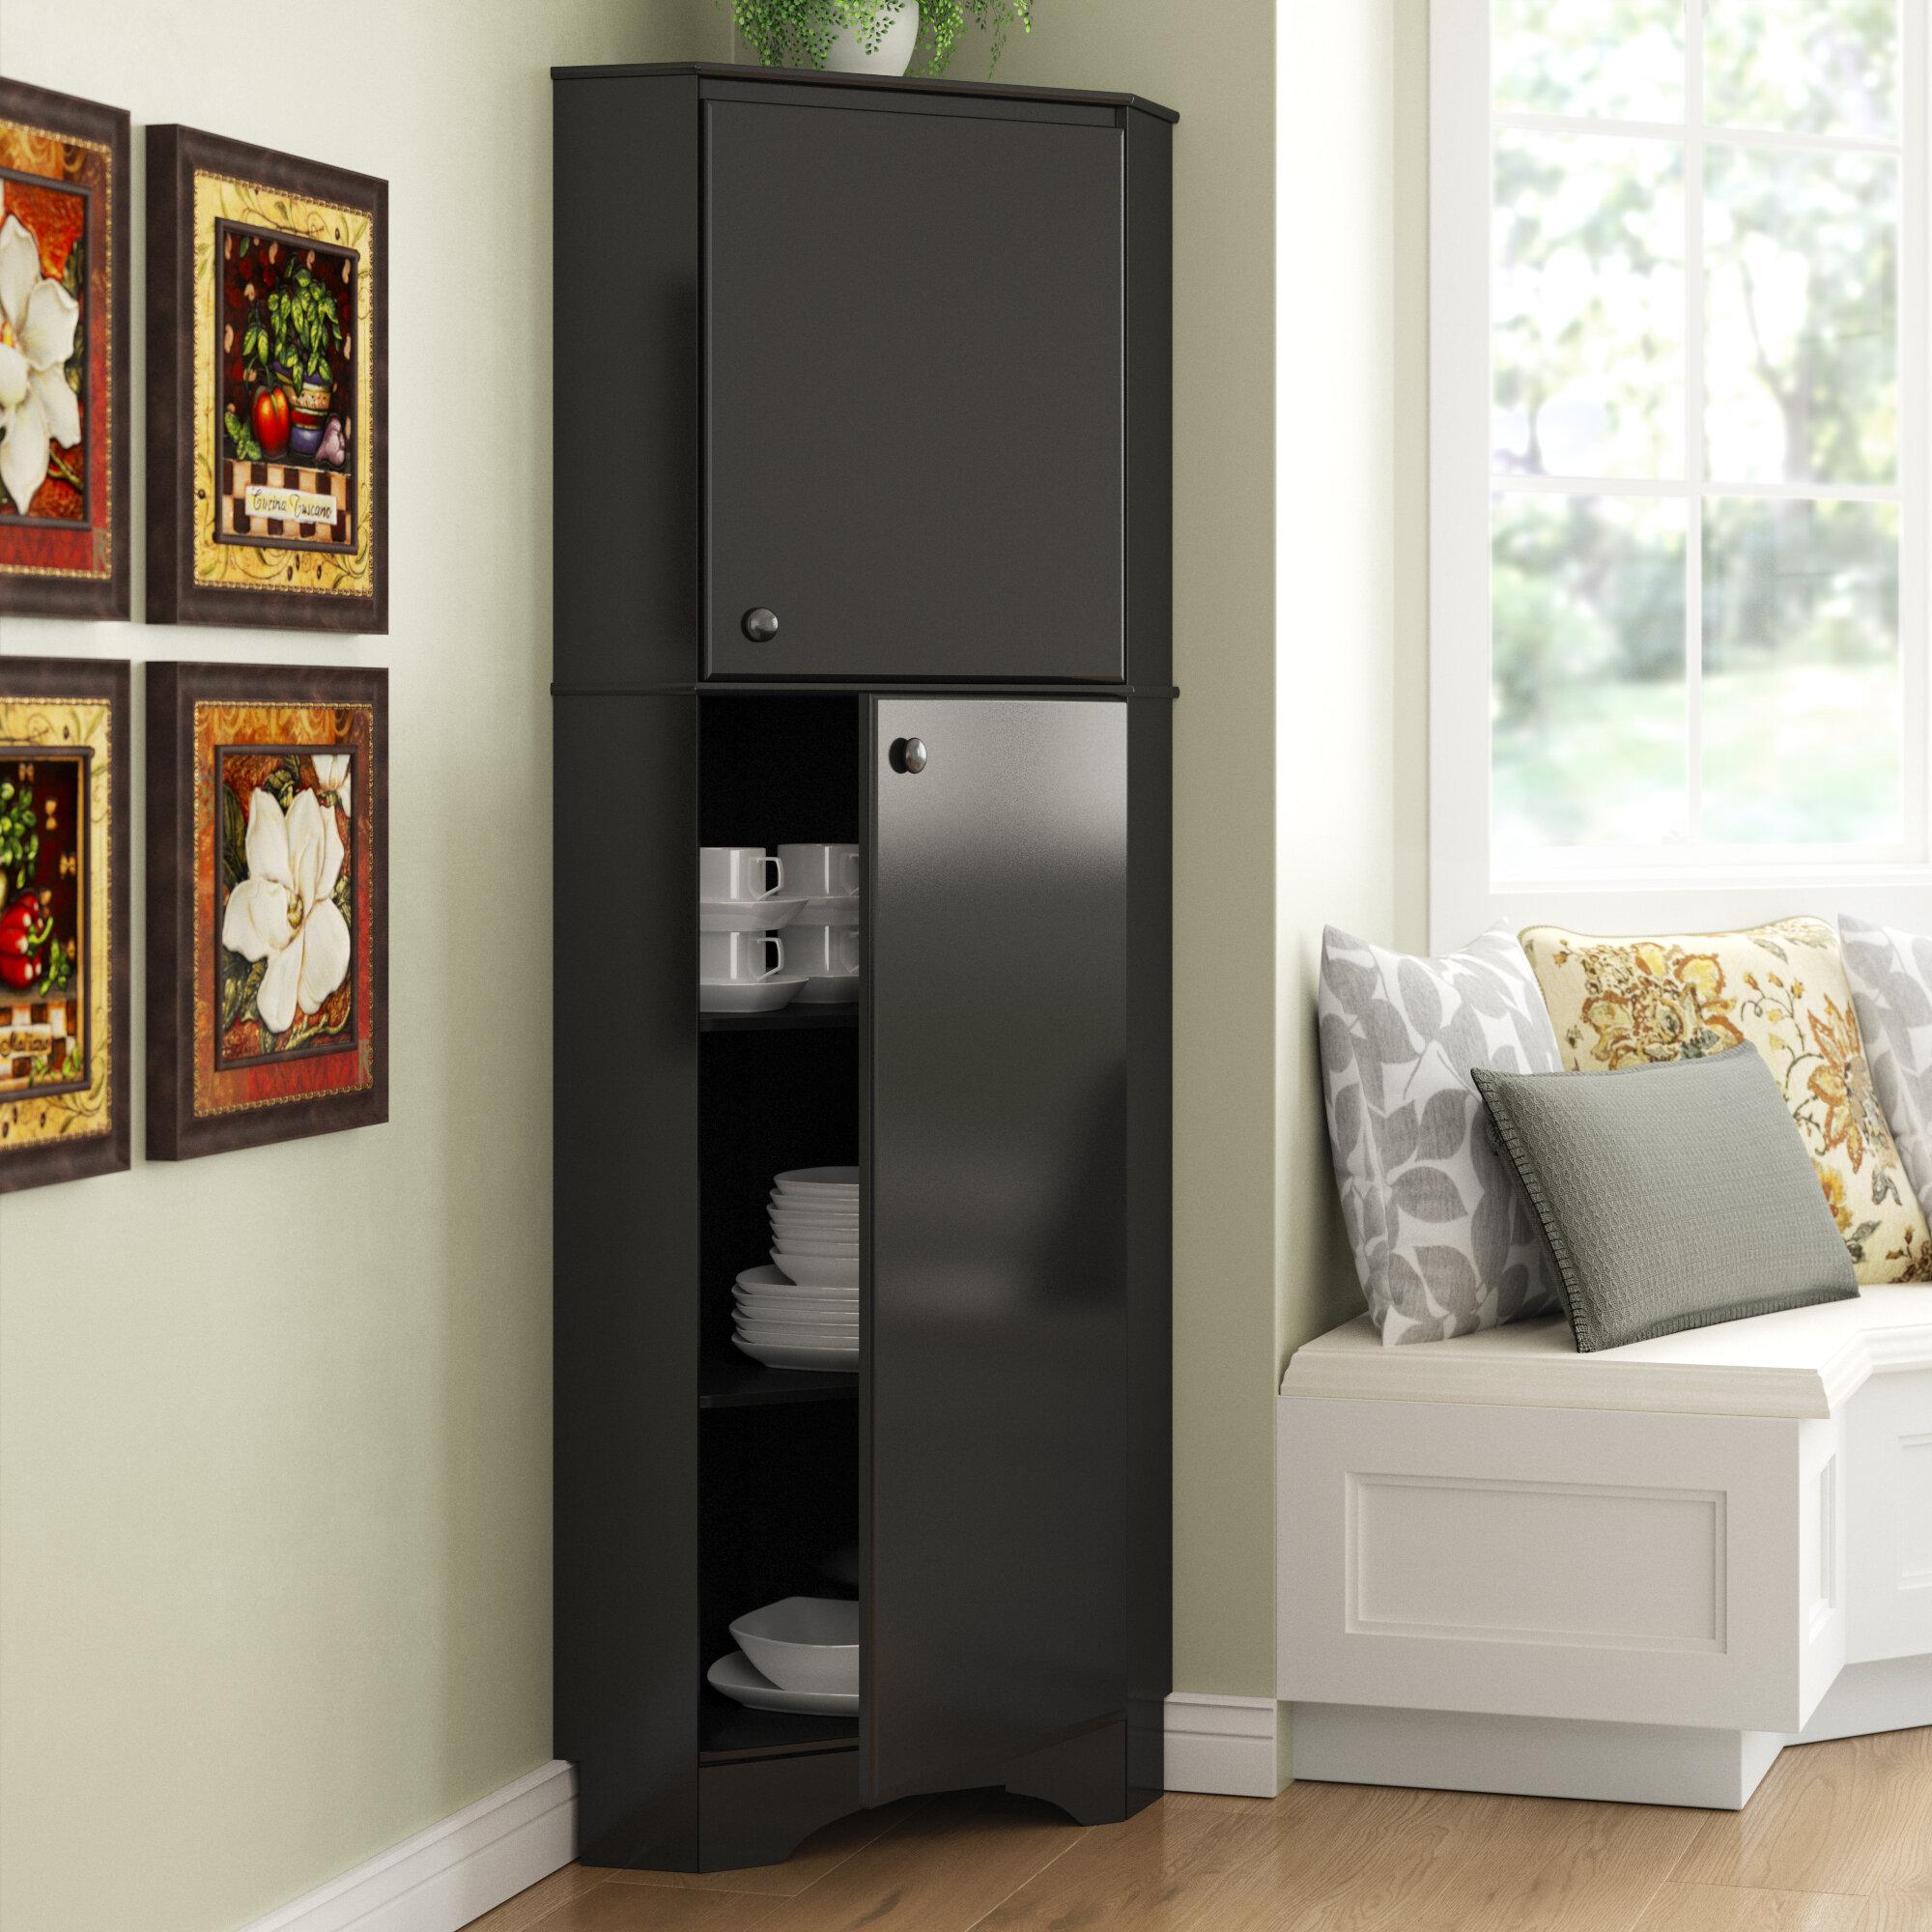 Wfx Utility 72 H 2 Door Corner Storage Cabinet Reviews Wayfair